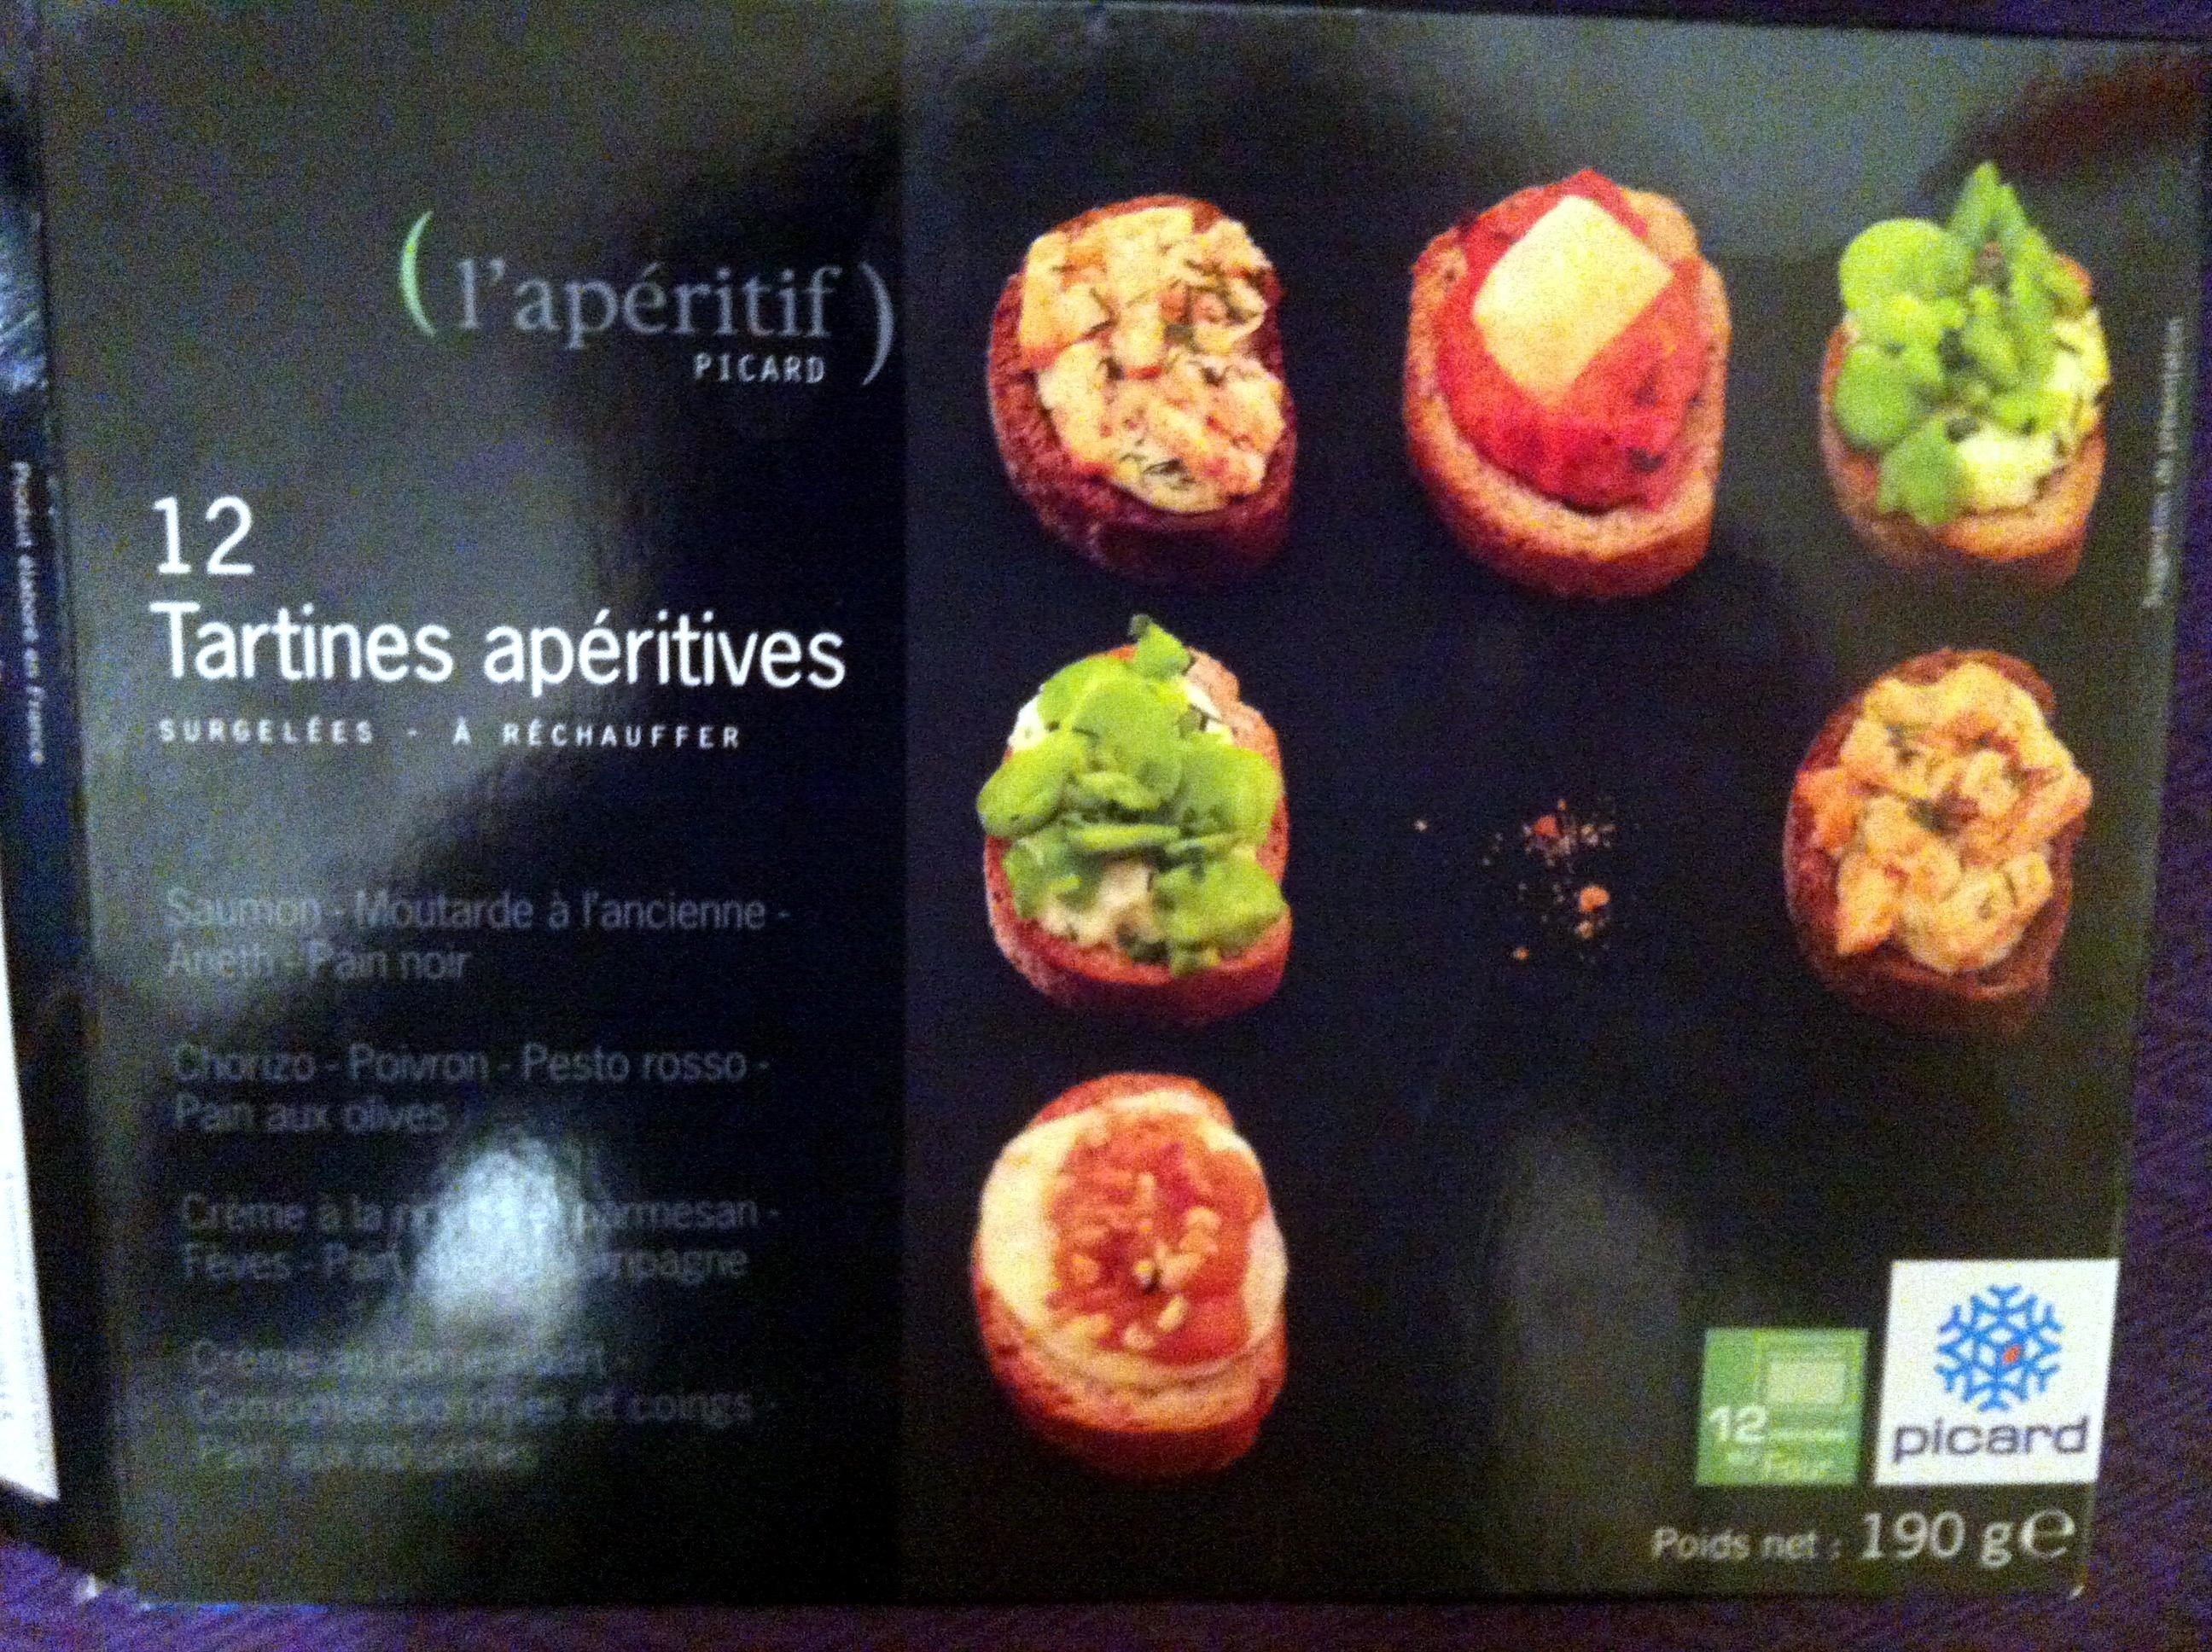 12 Tartines apéritives - Product